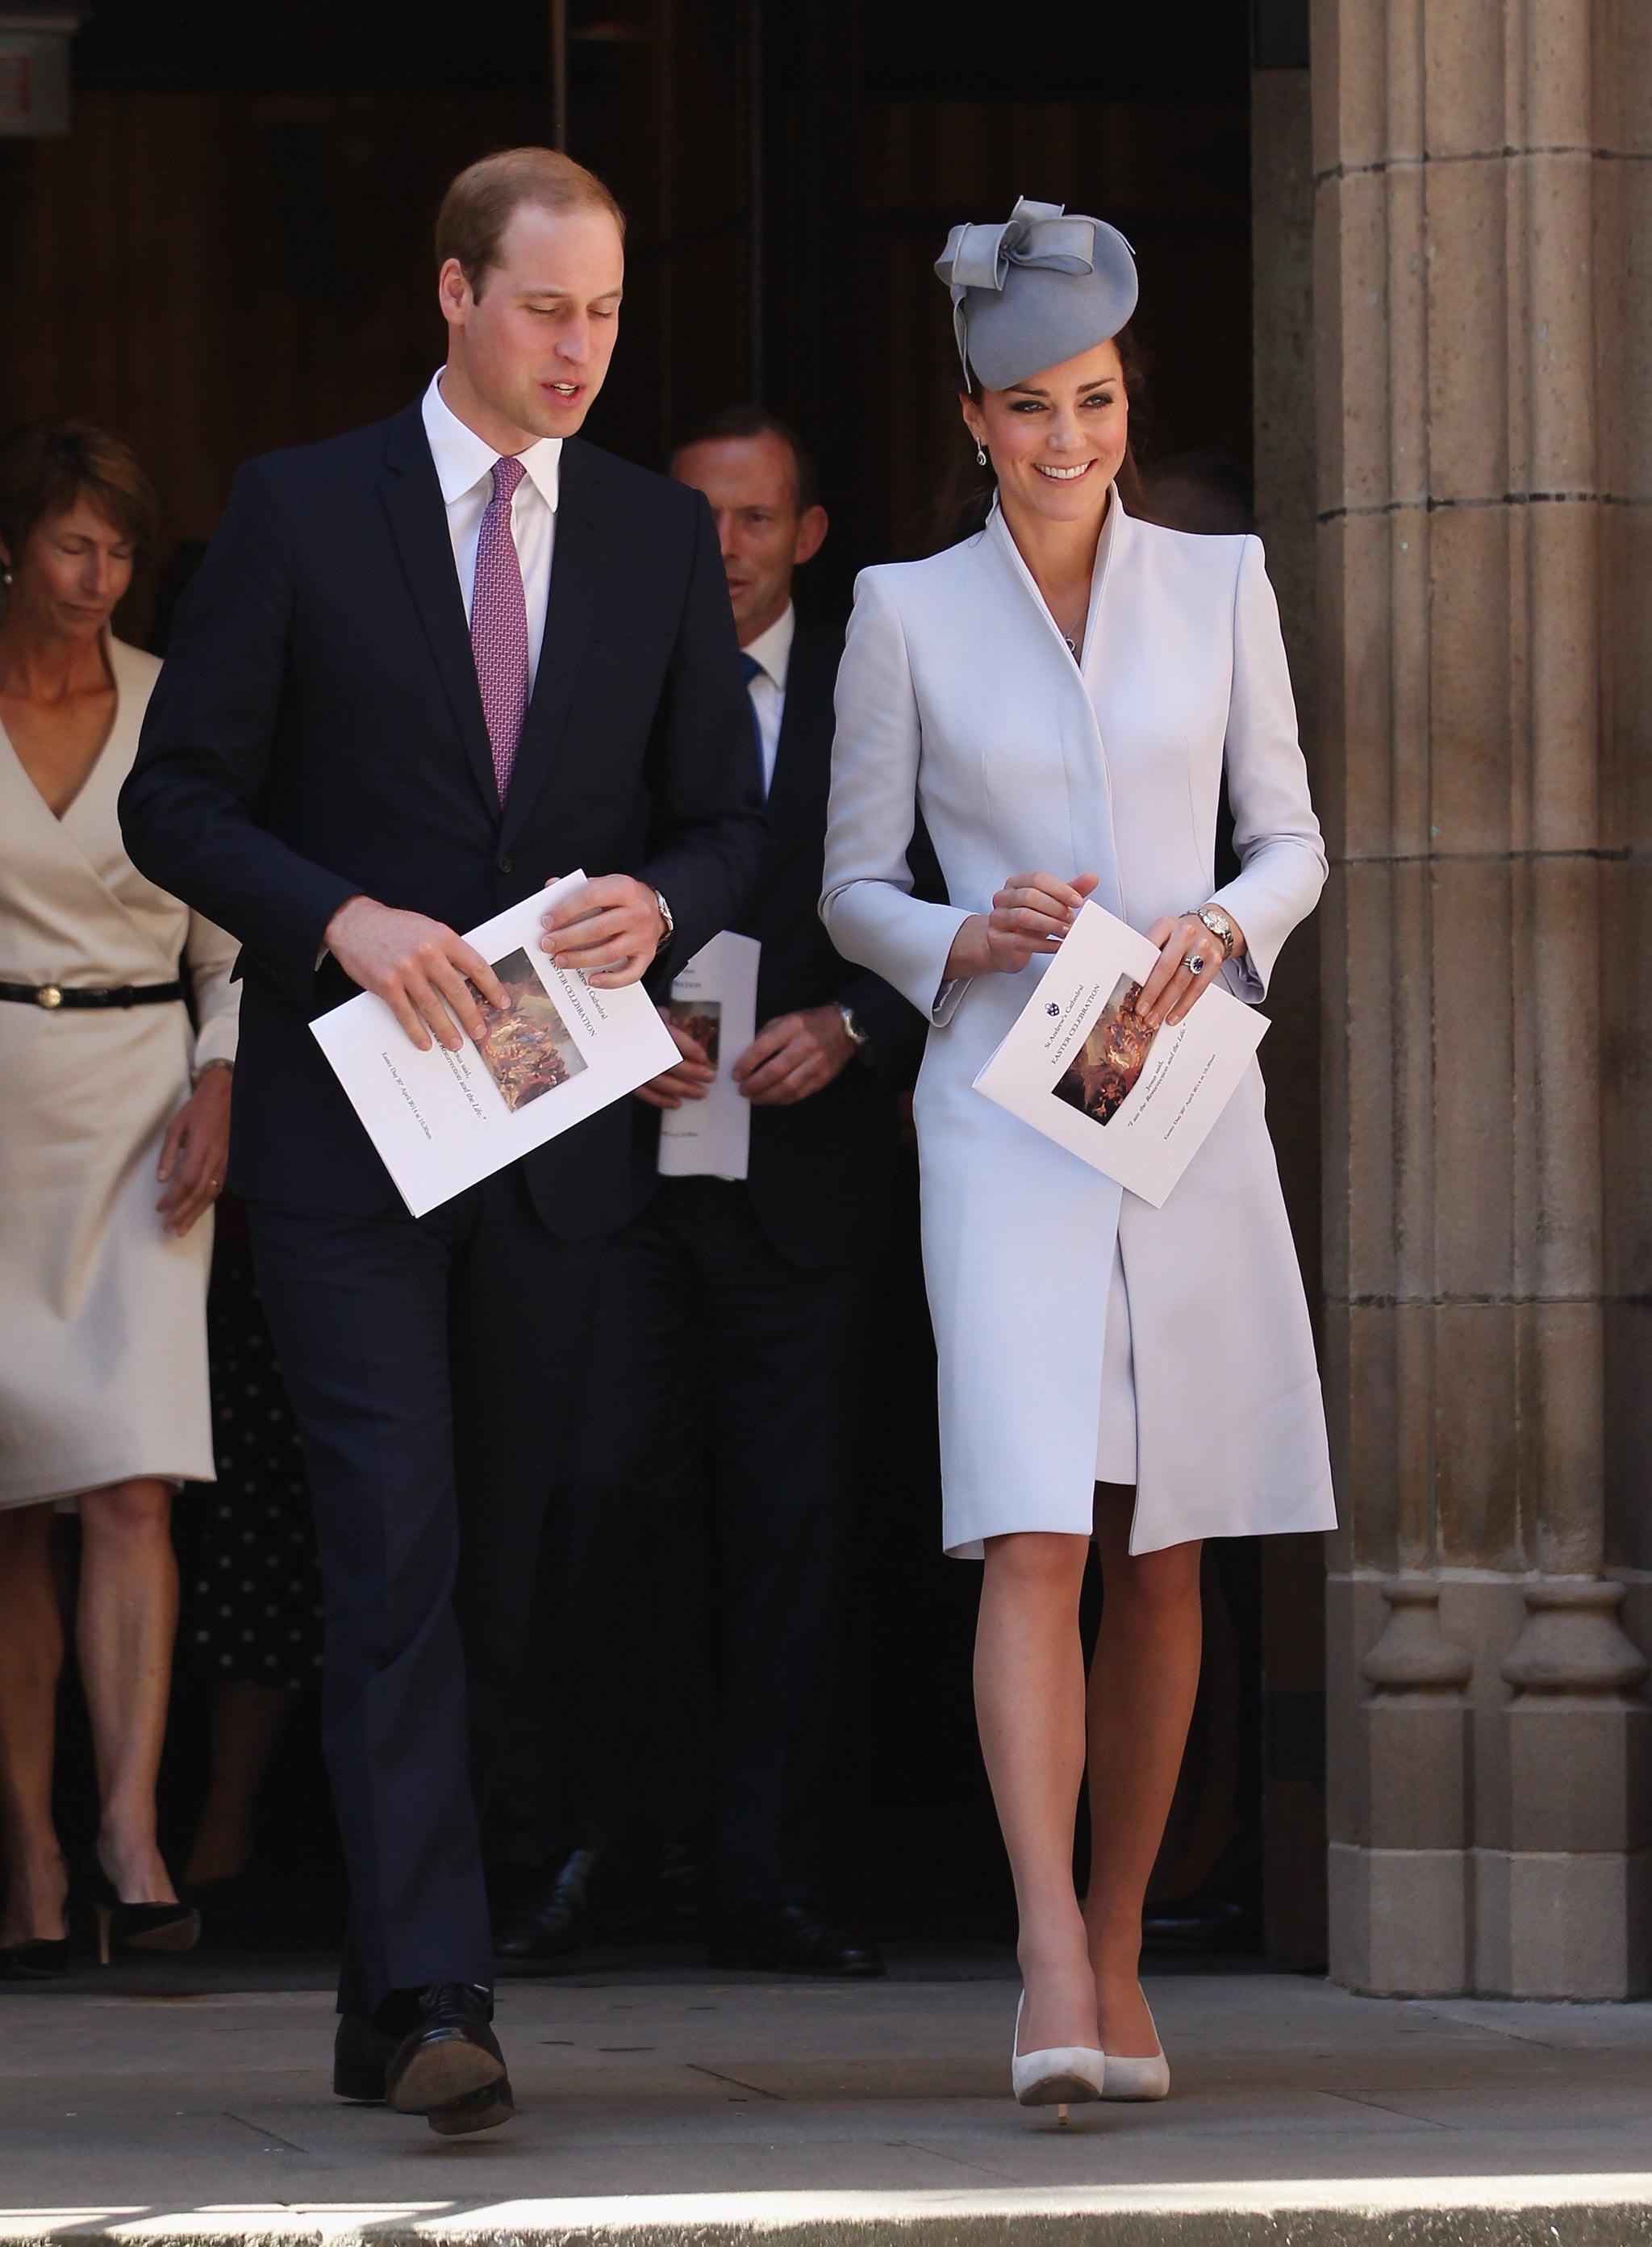 Kate Middleton Celebrating Easter in Australia in 2014